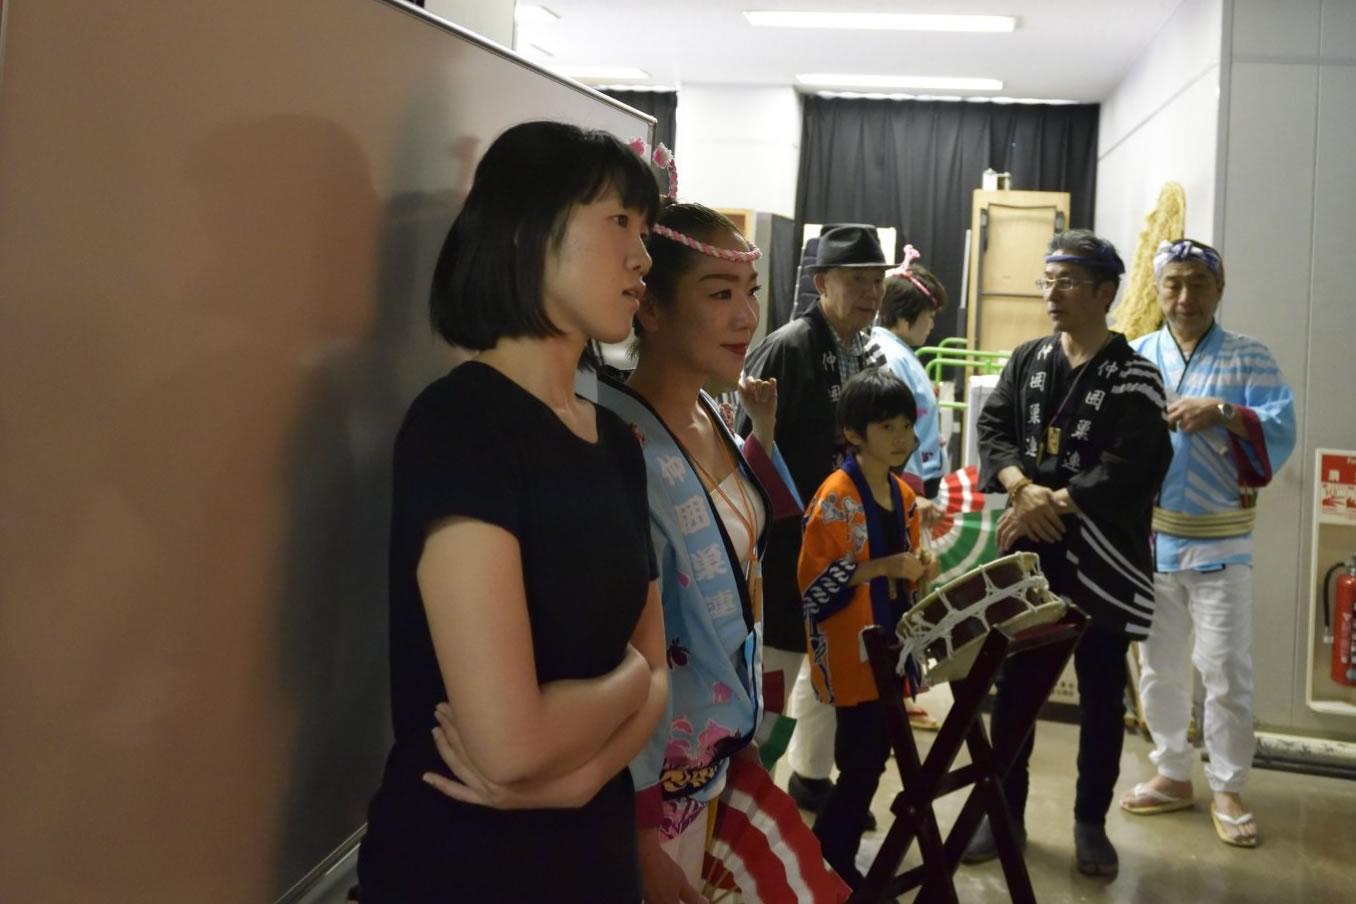 20180617sansukuea42018年・サンスクエア すずめ踊り仲囲巣連 舞台前の緊張感